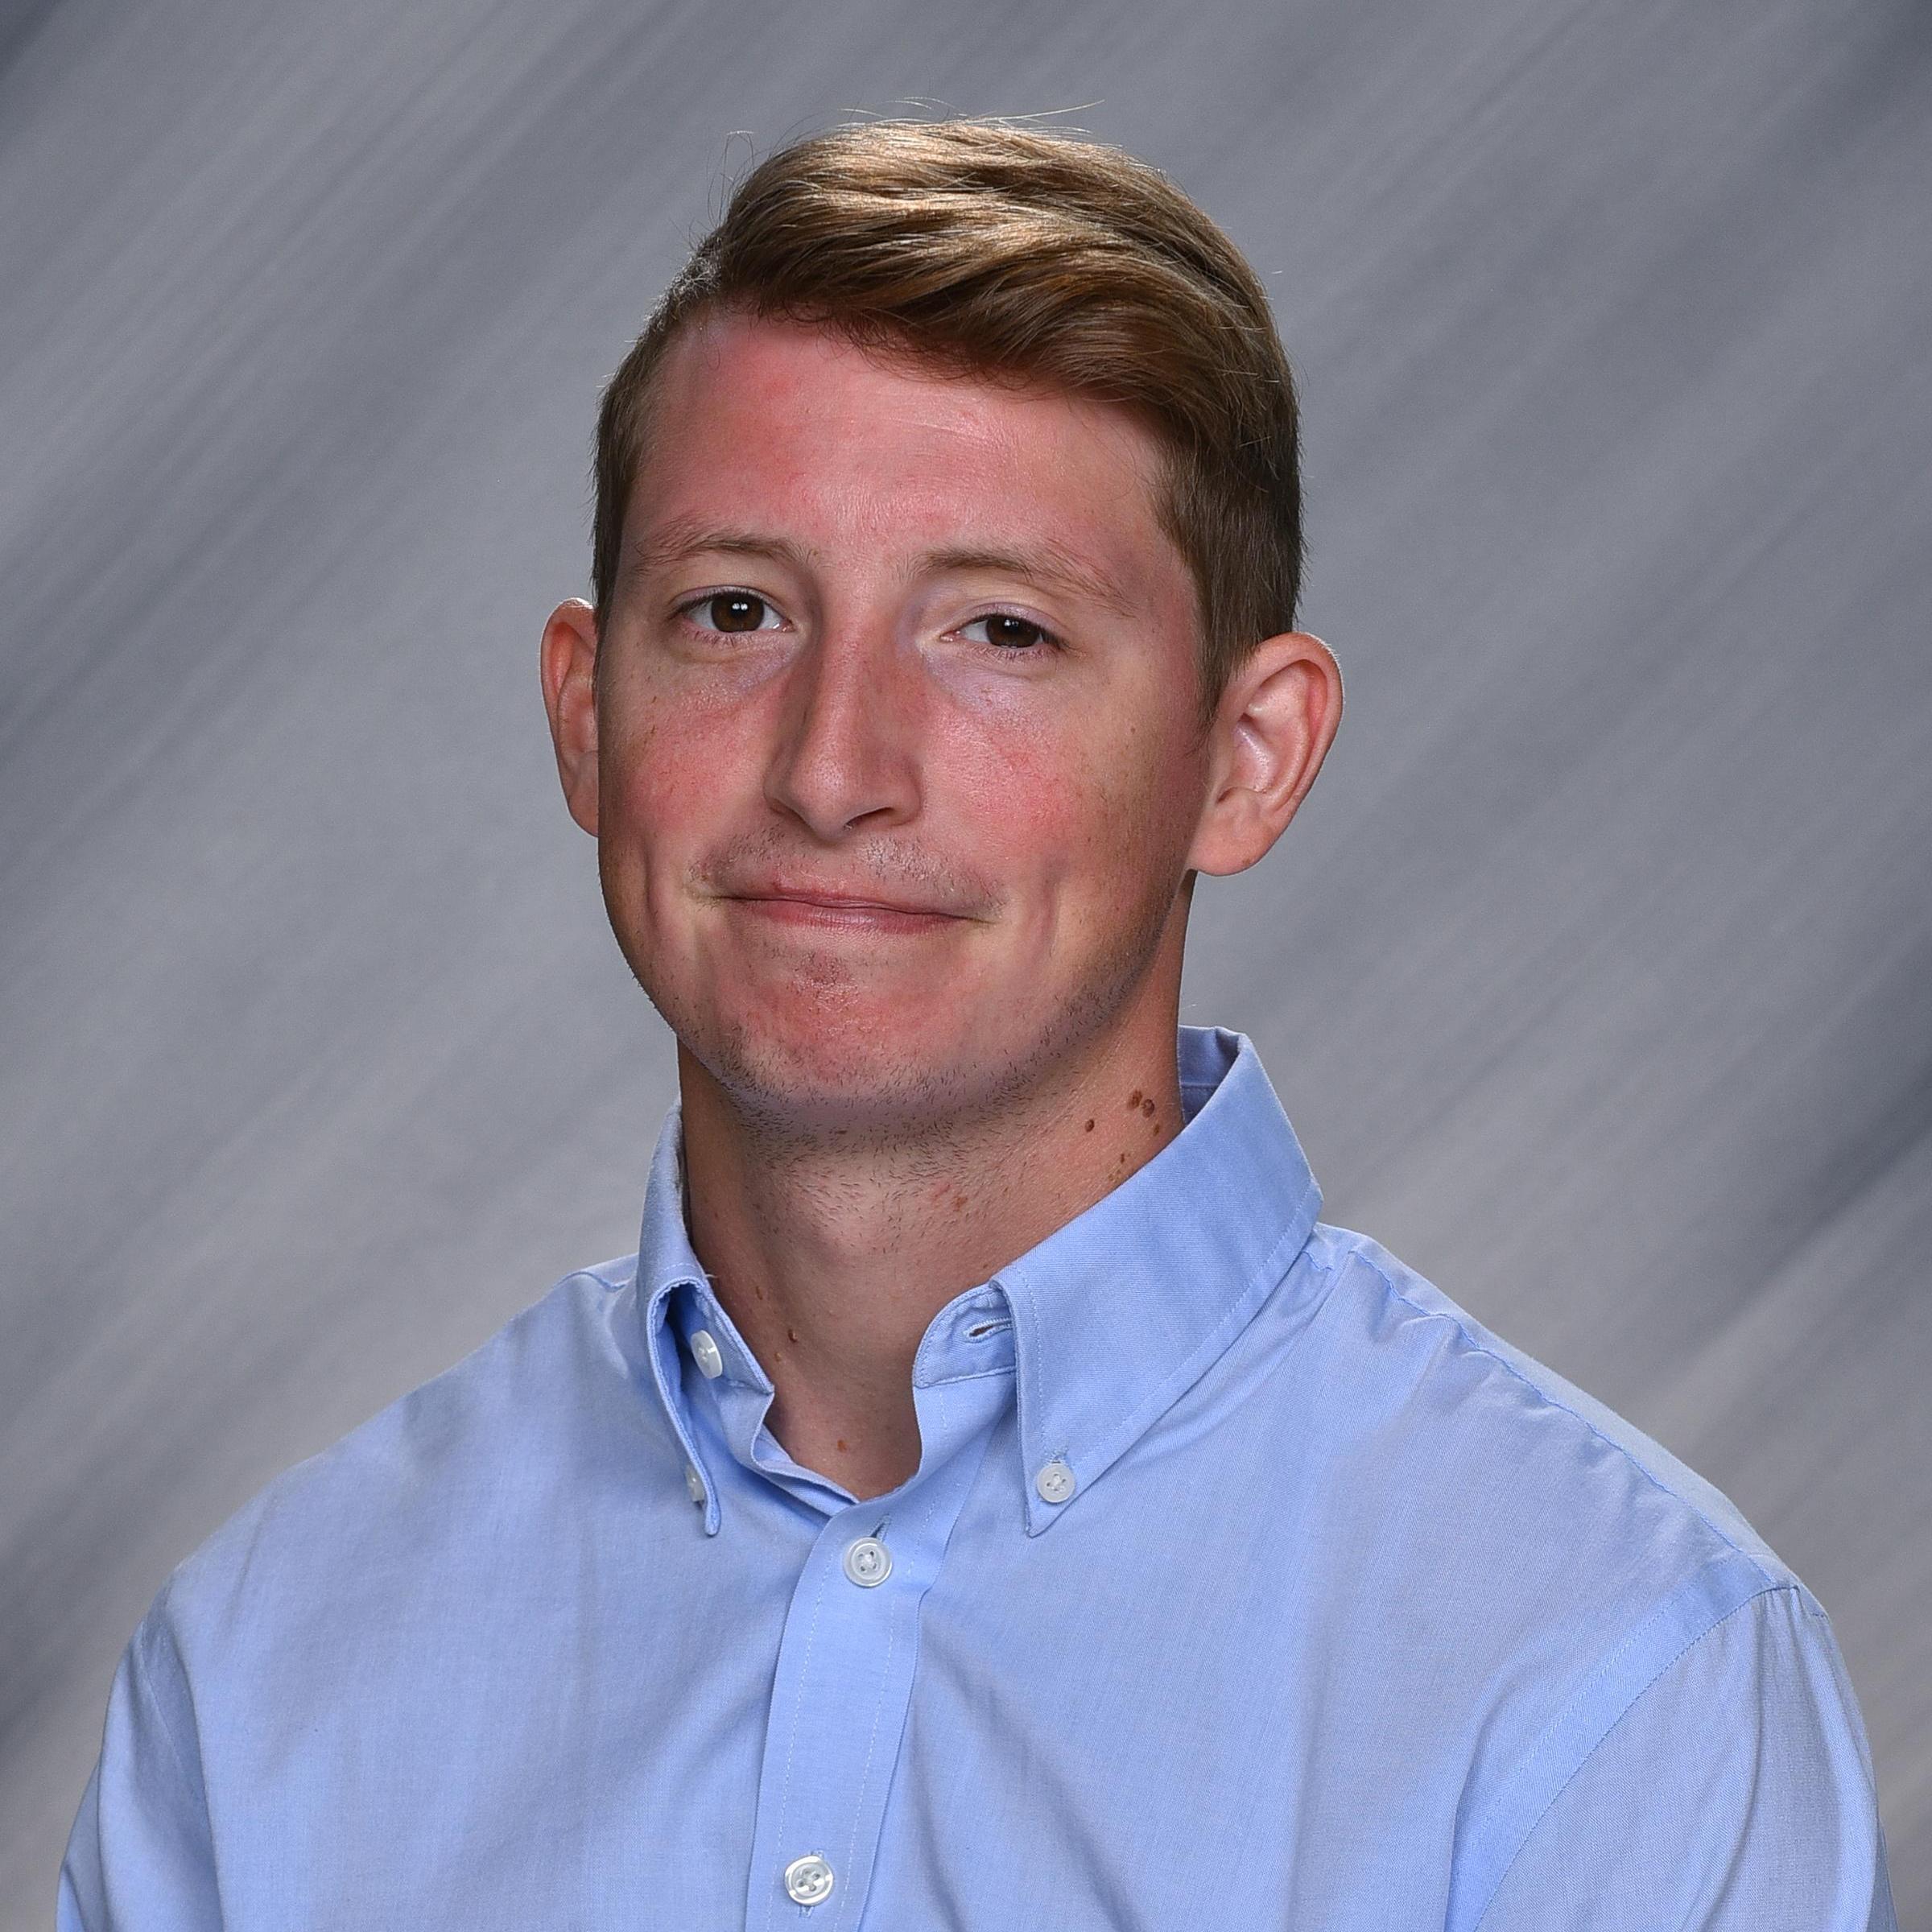 61223e7e60fa31 Sean Allerton s Profile Photo. Sean Allerton Assistant Director ...